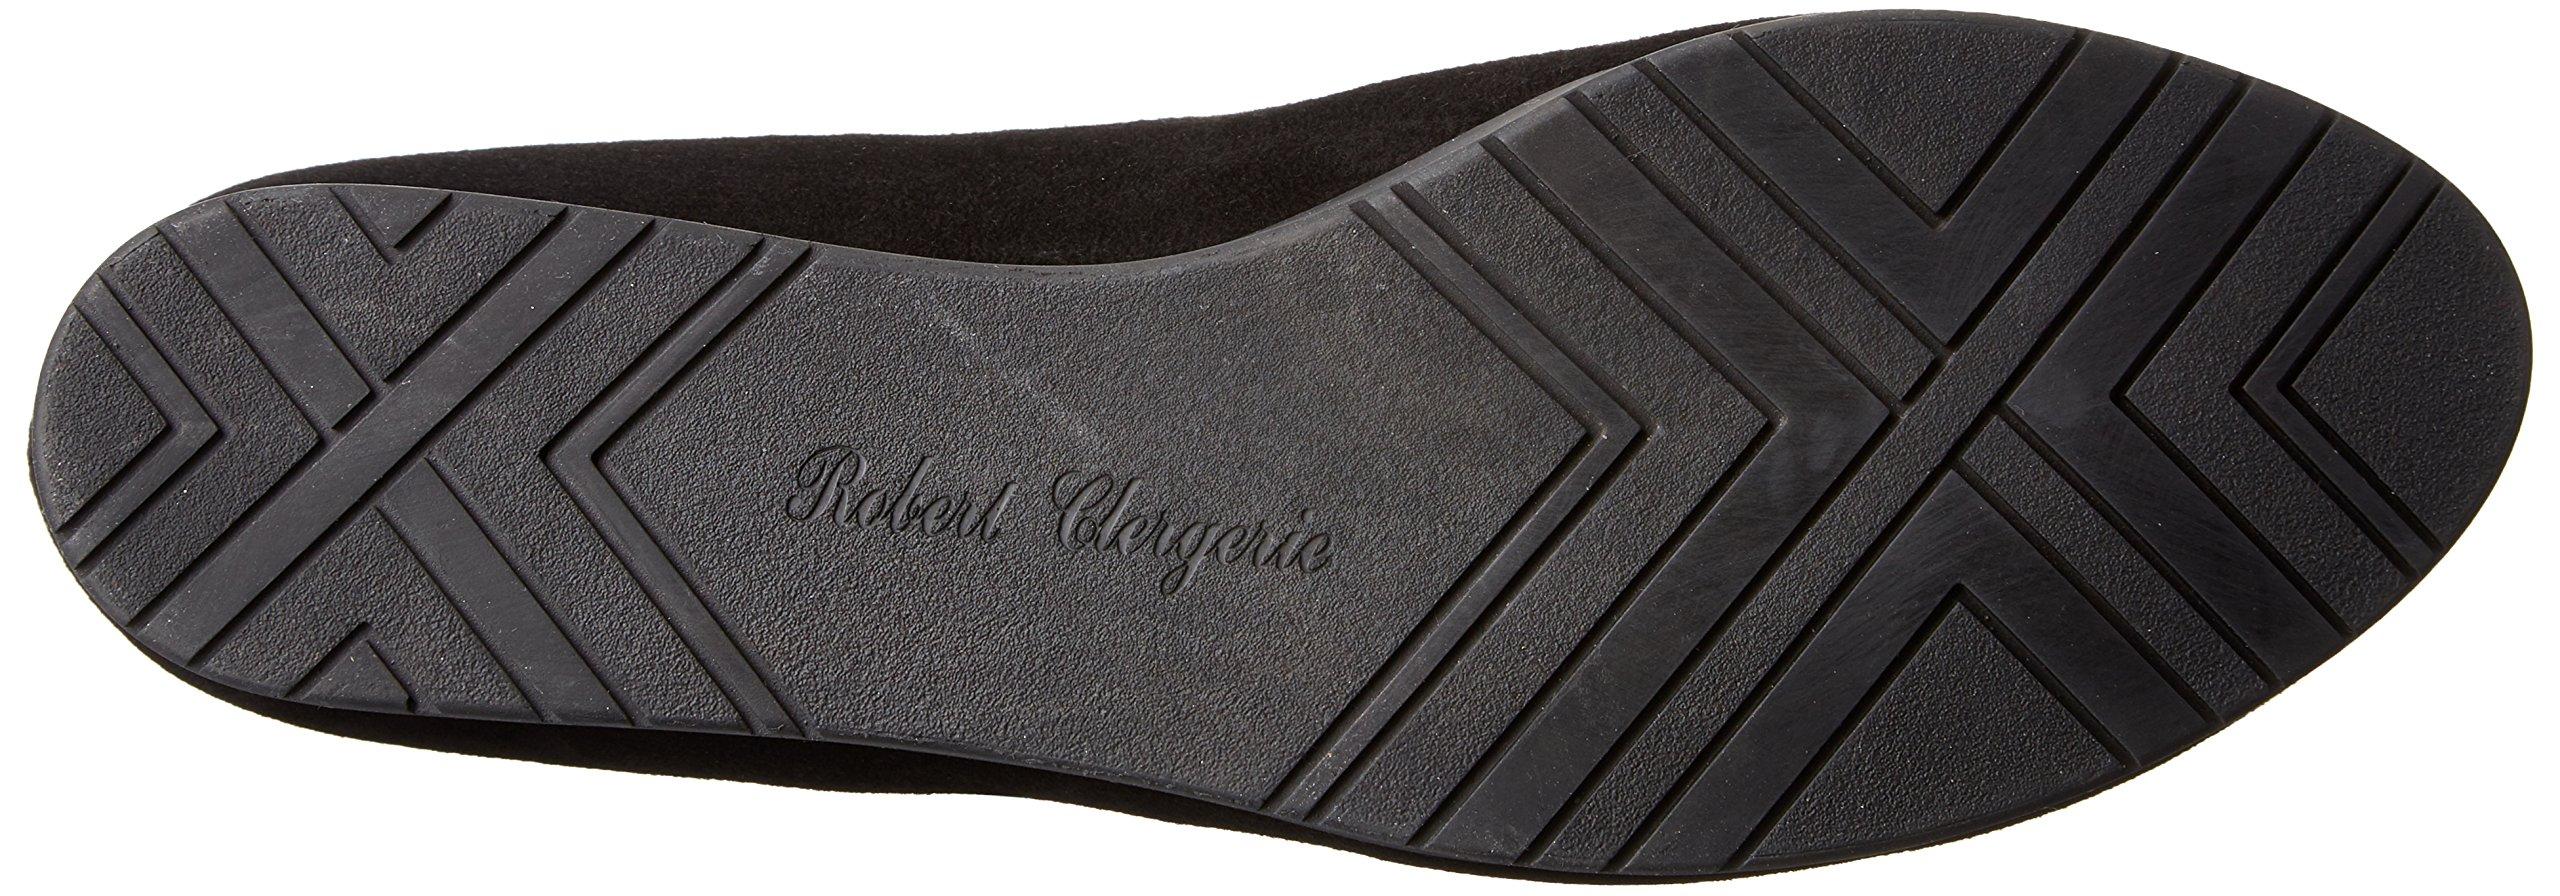 Robert Clergerie Women's Natul Winter Boot,Black Suede,39.5 EU/9 B US by Robert Clergerie (Image #3)